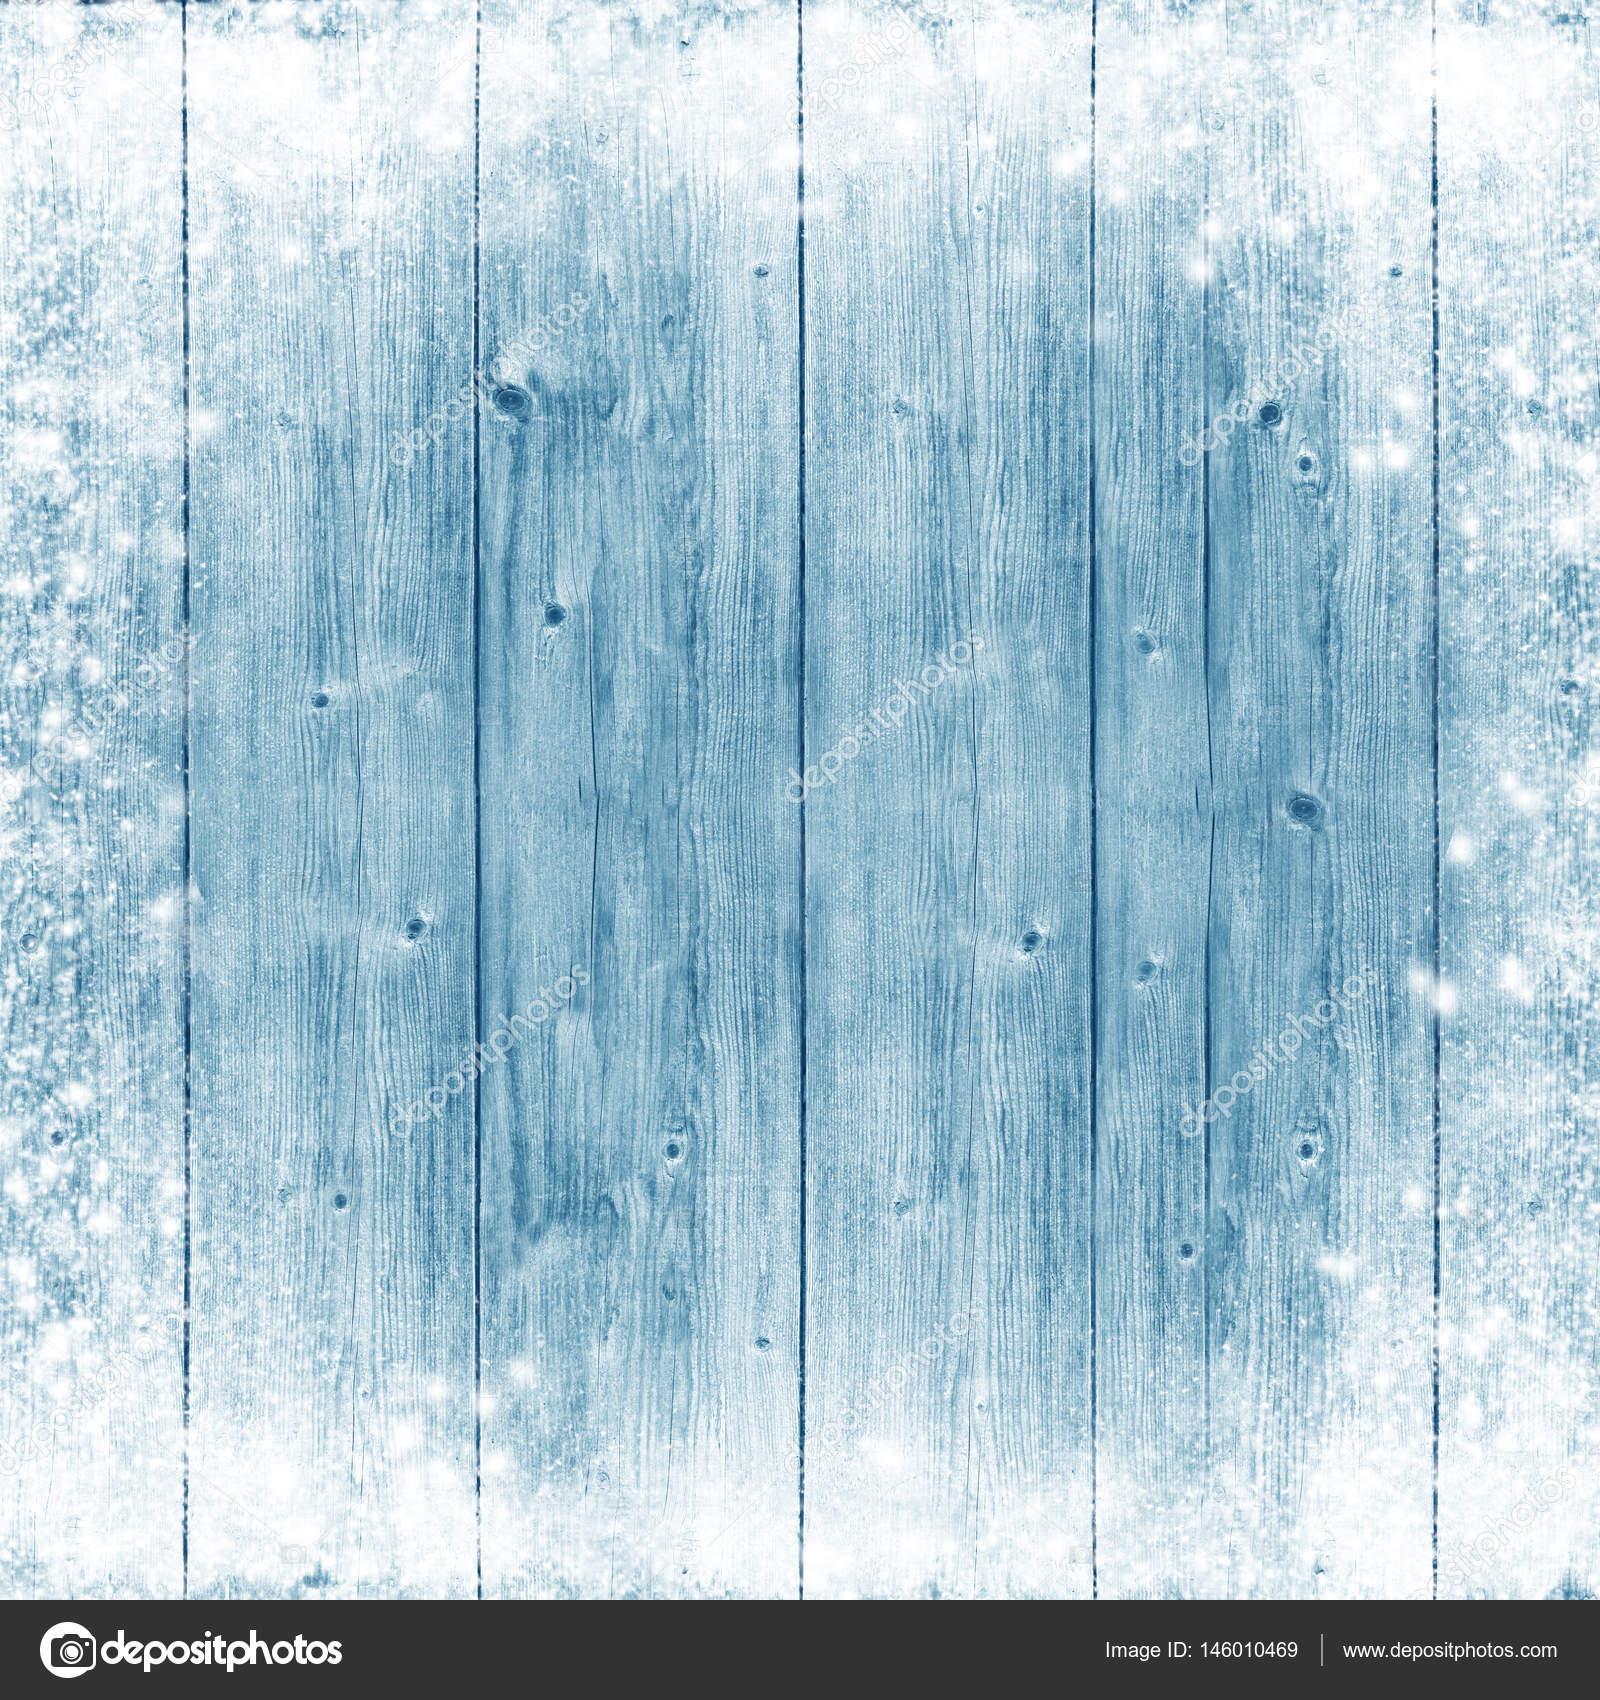 Texture bois bleu glace et neige fond de no l for Fond ecran jul